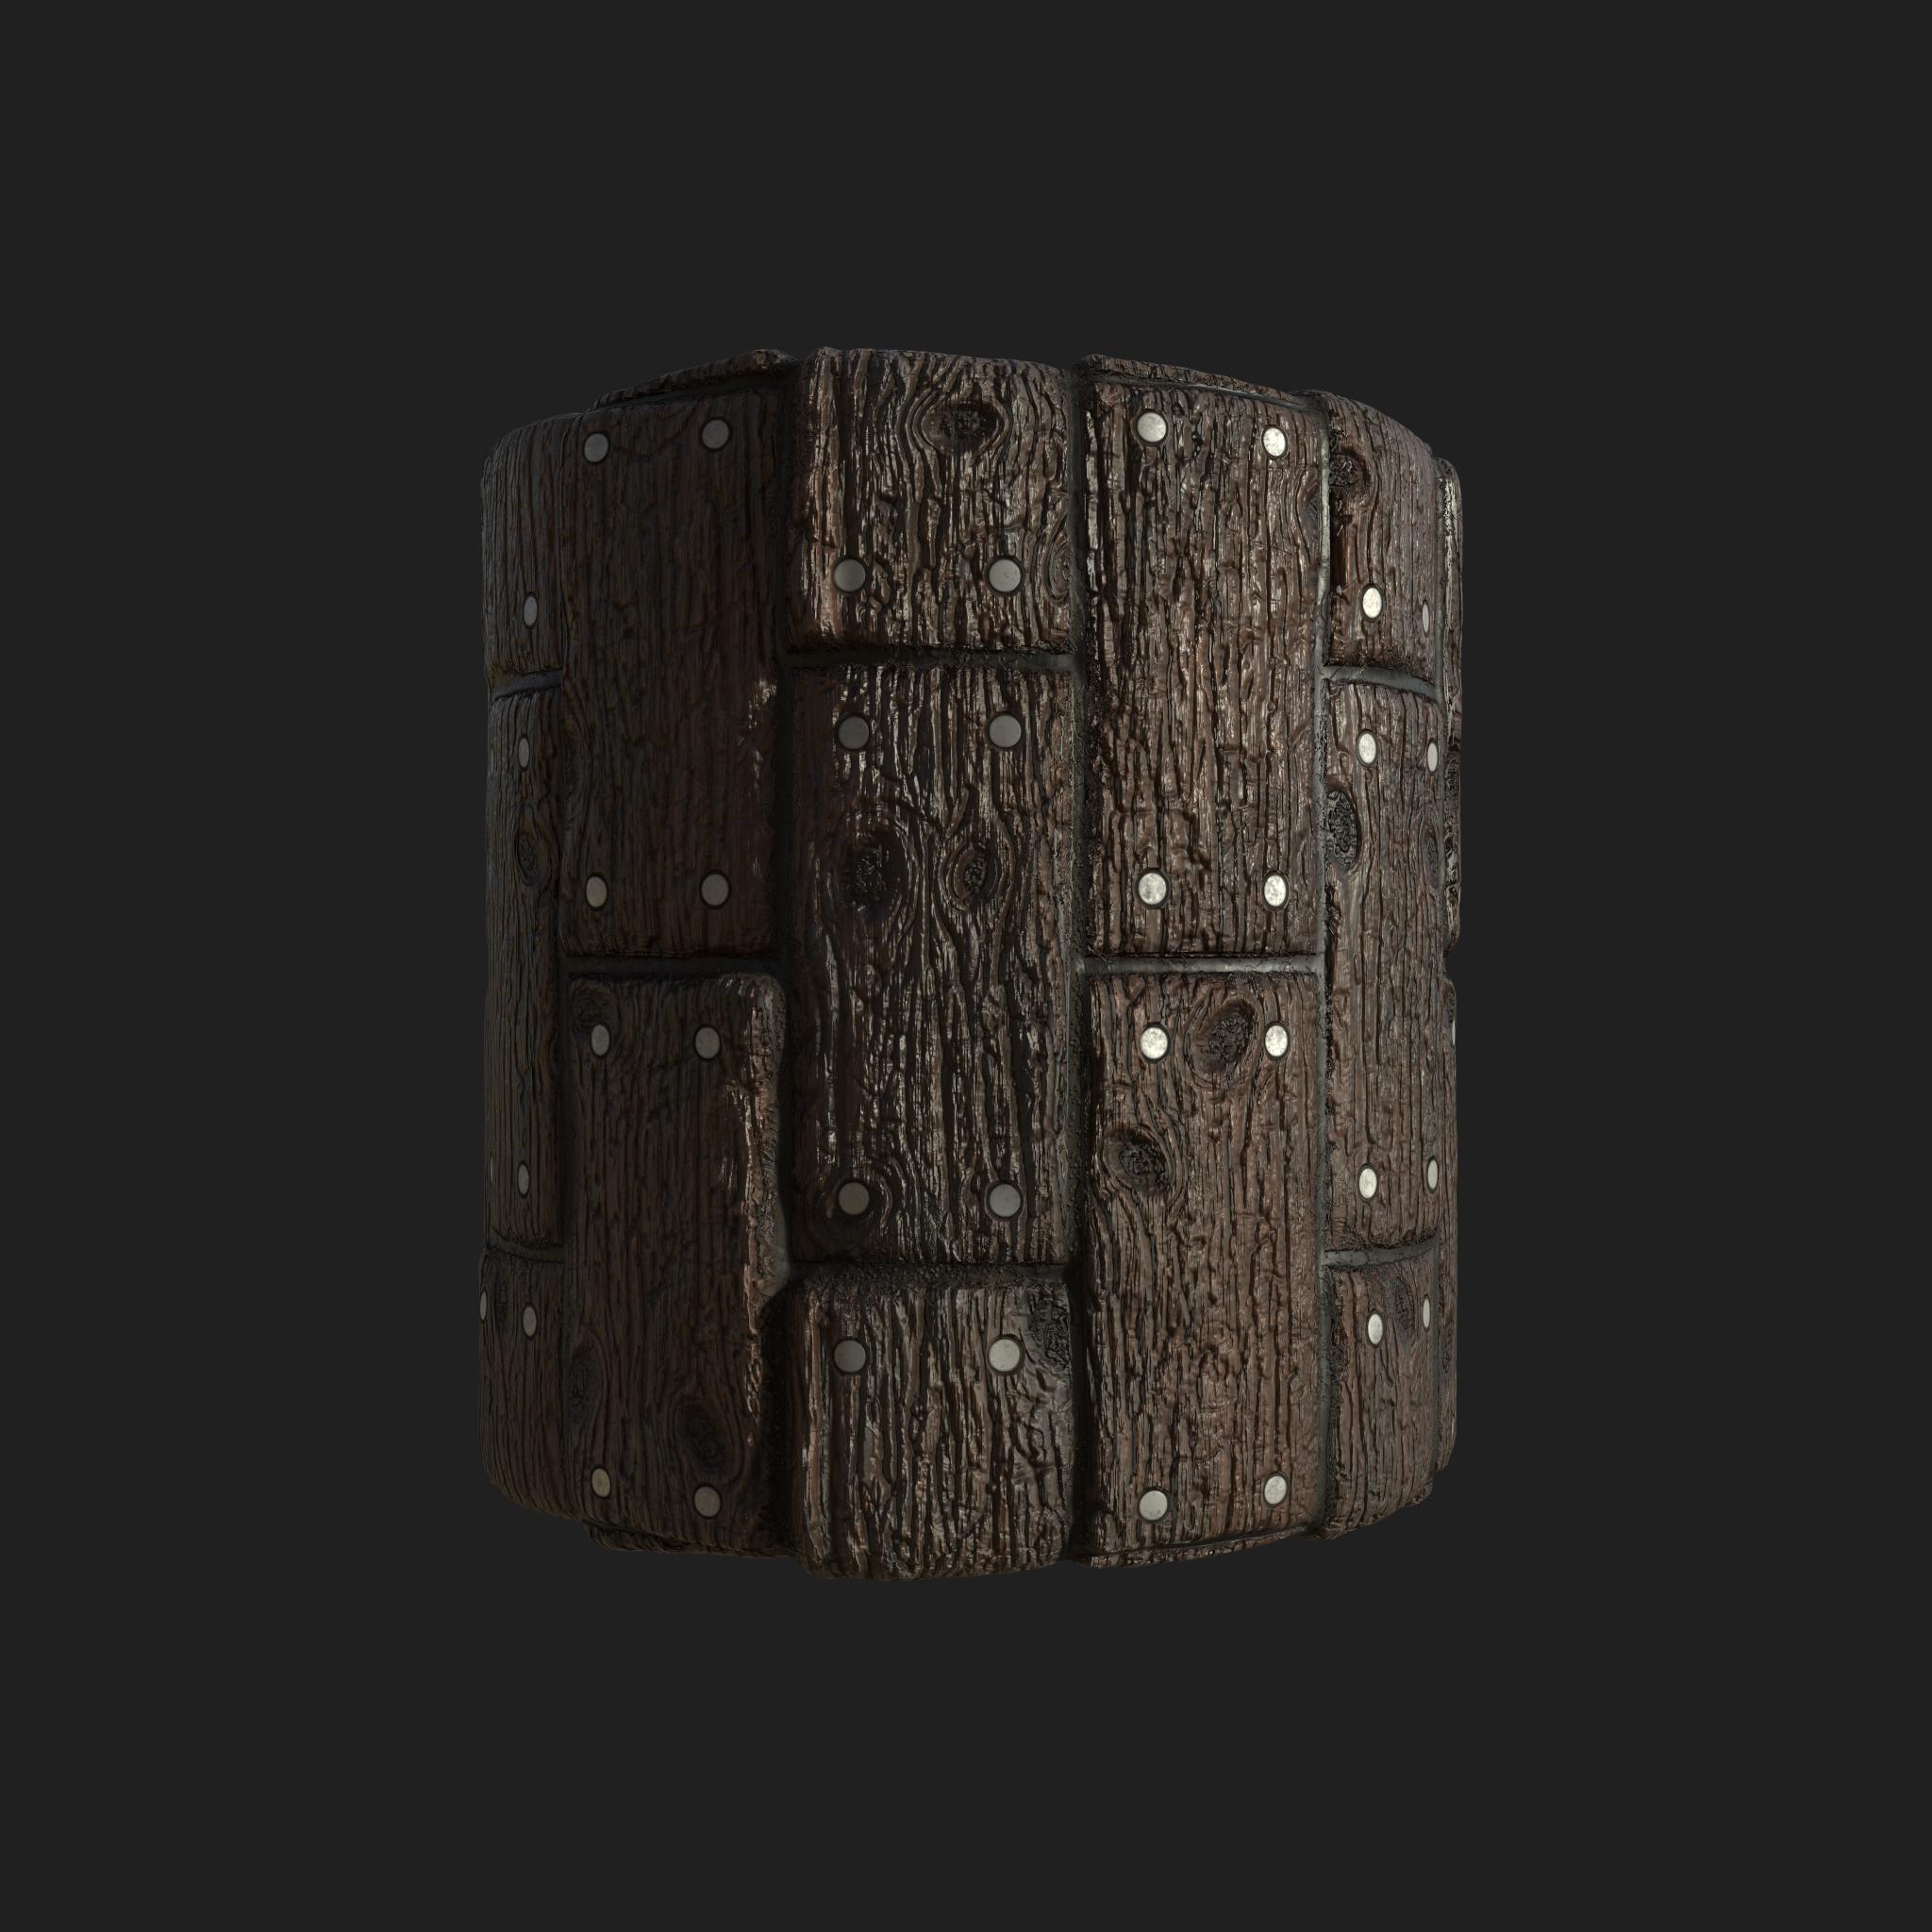 brown_aged_wood_render_v3.png